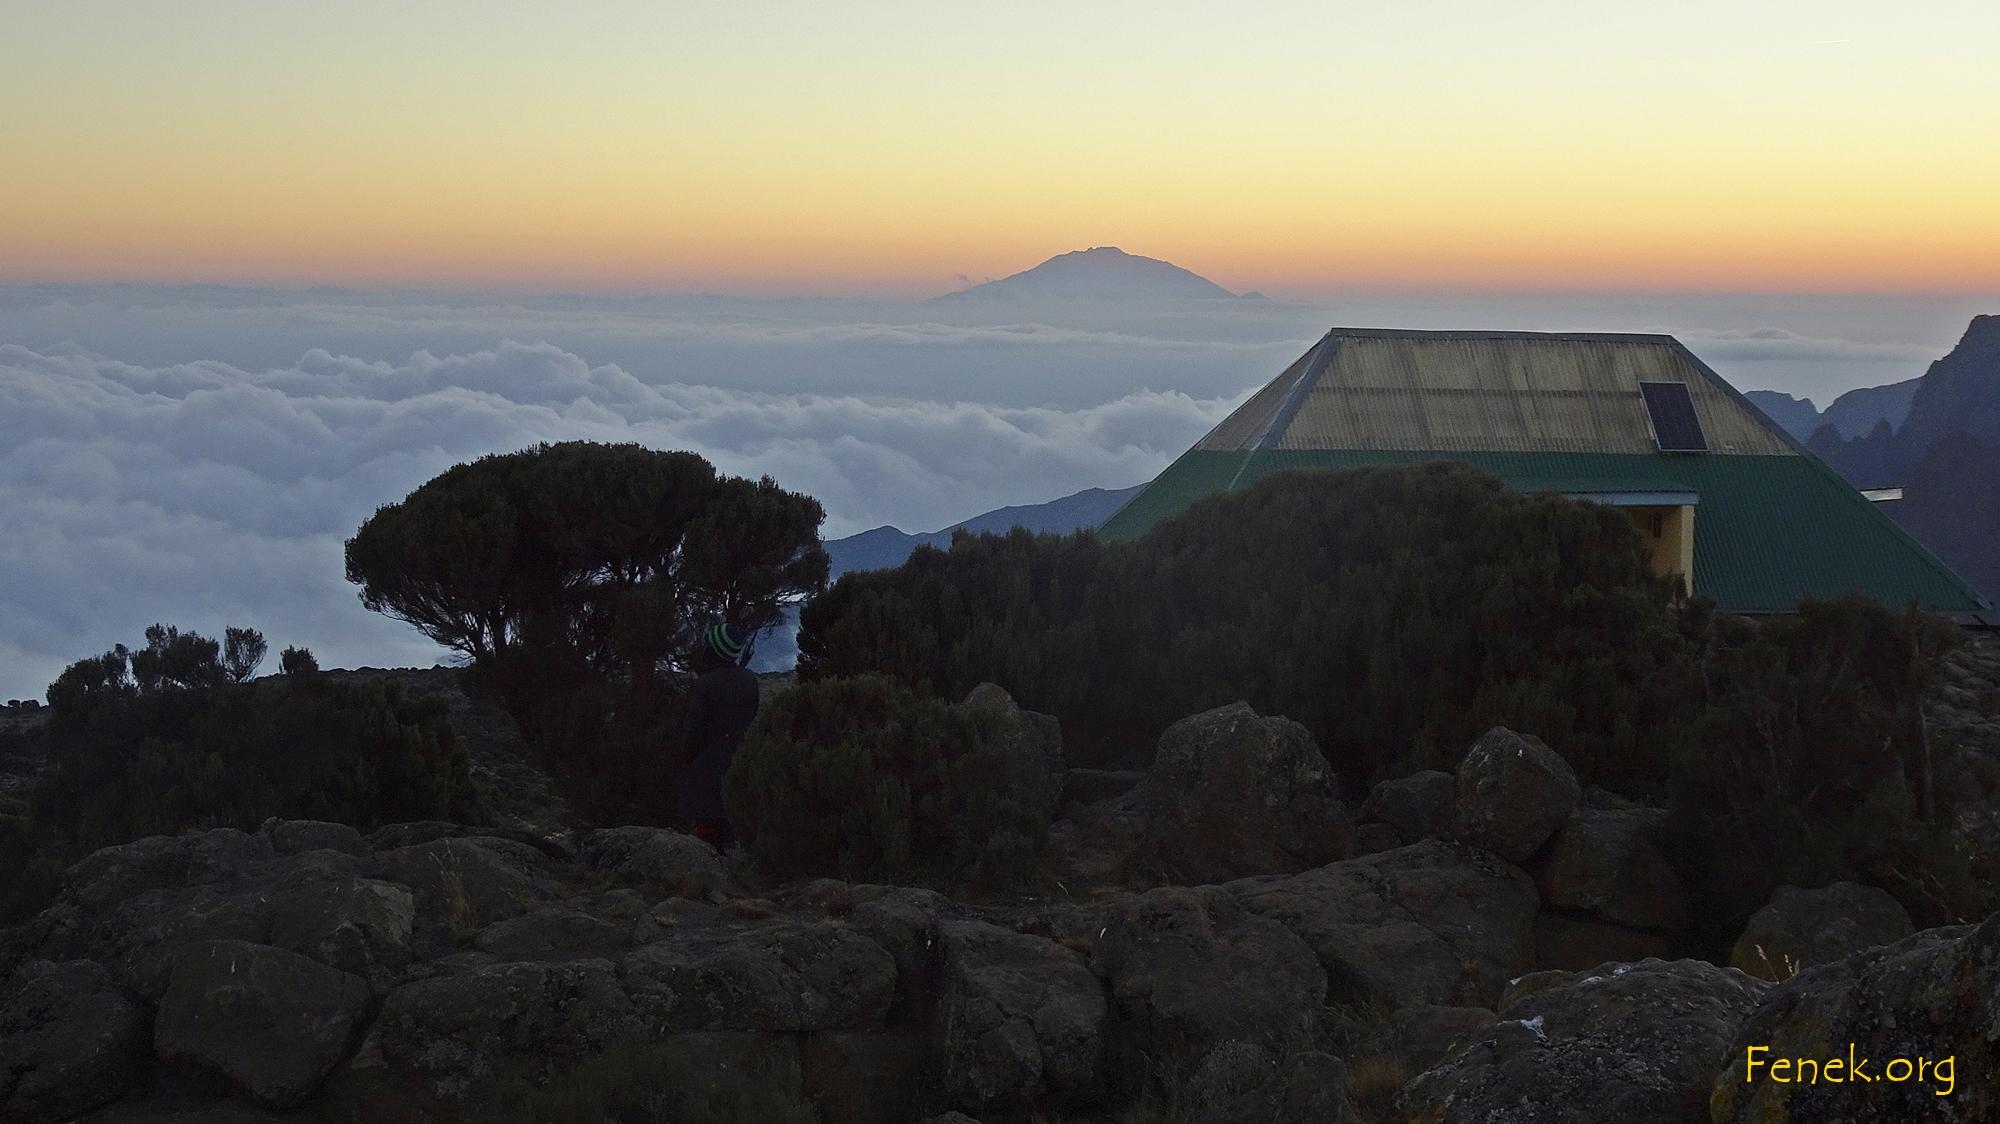 Abendstimmung und Mount Meru im Hintergrund